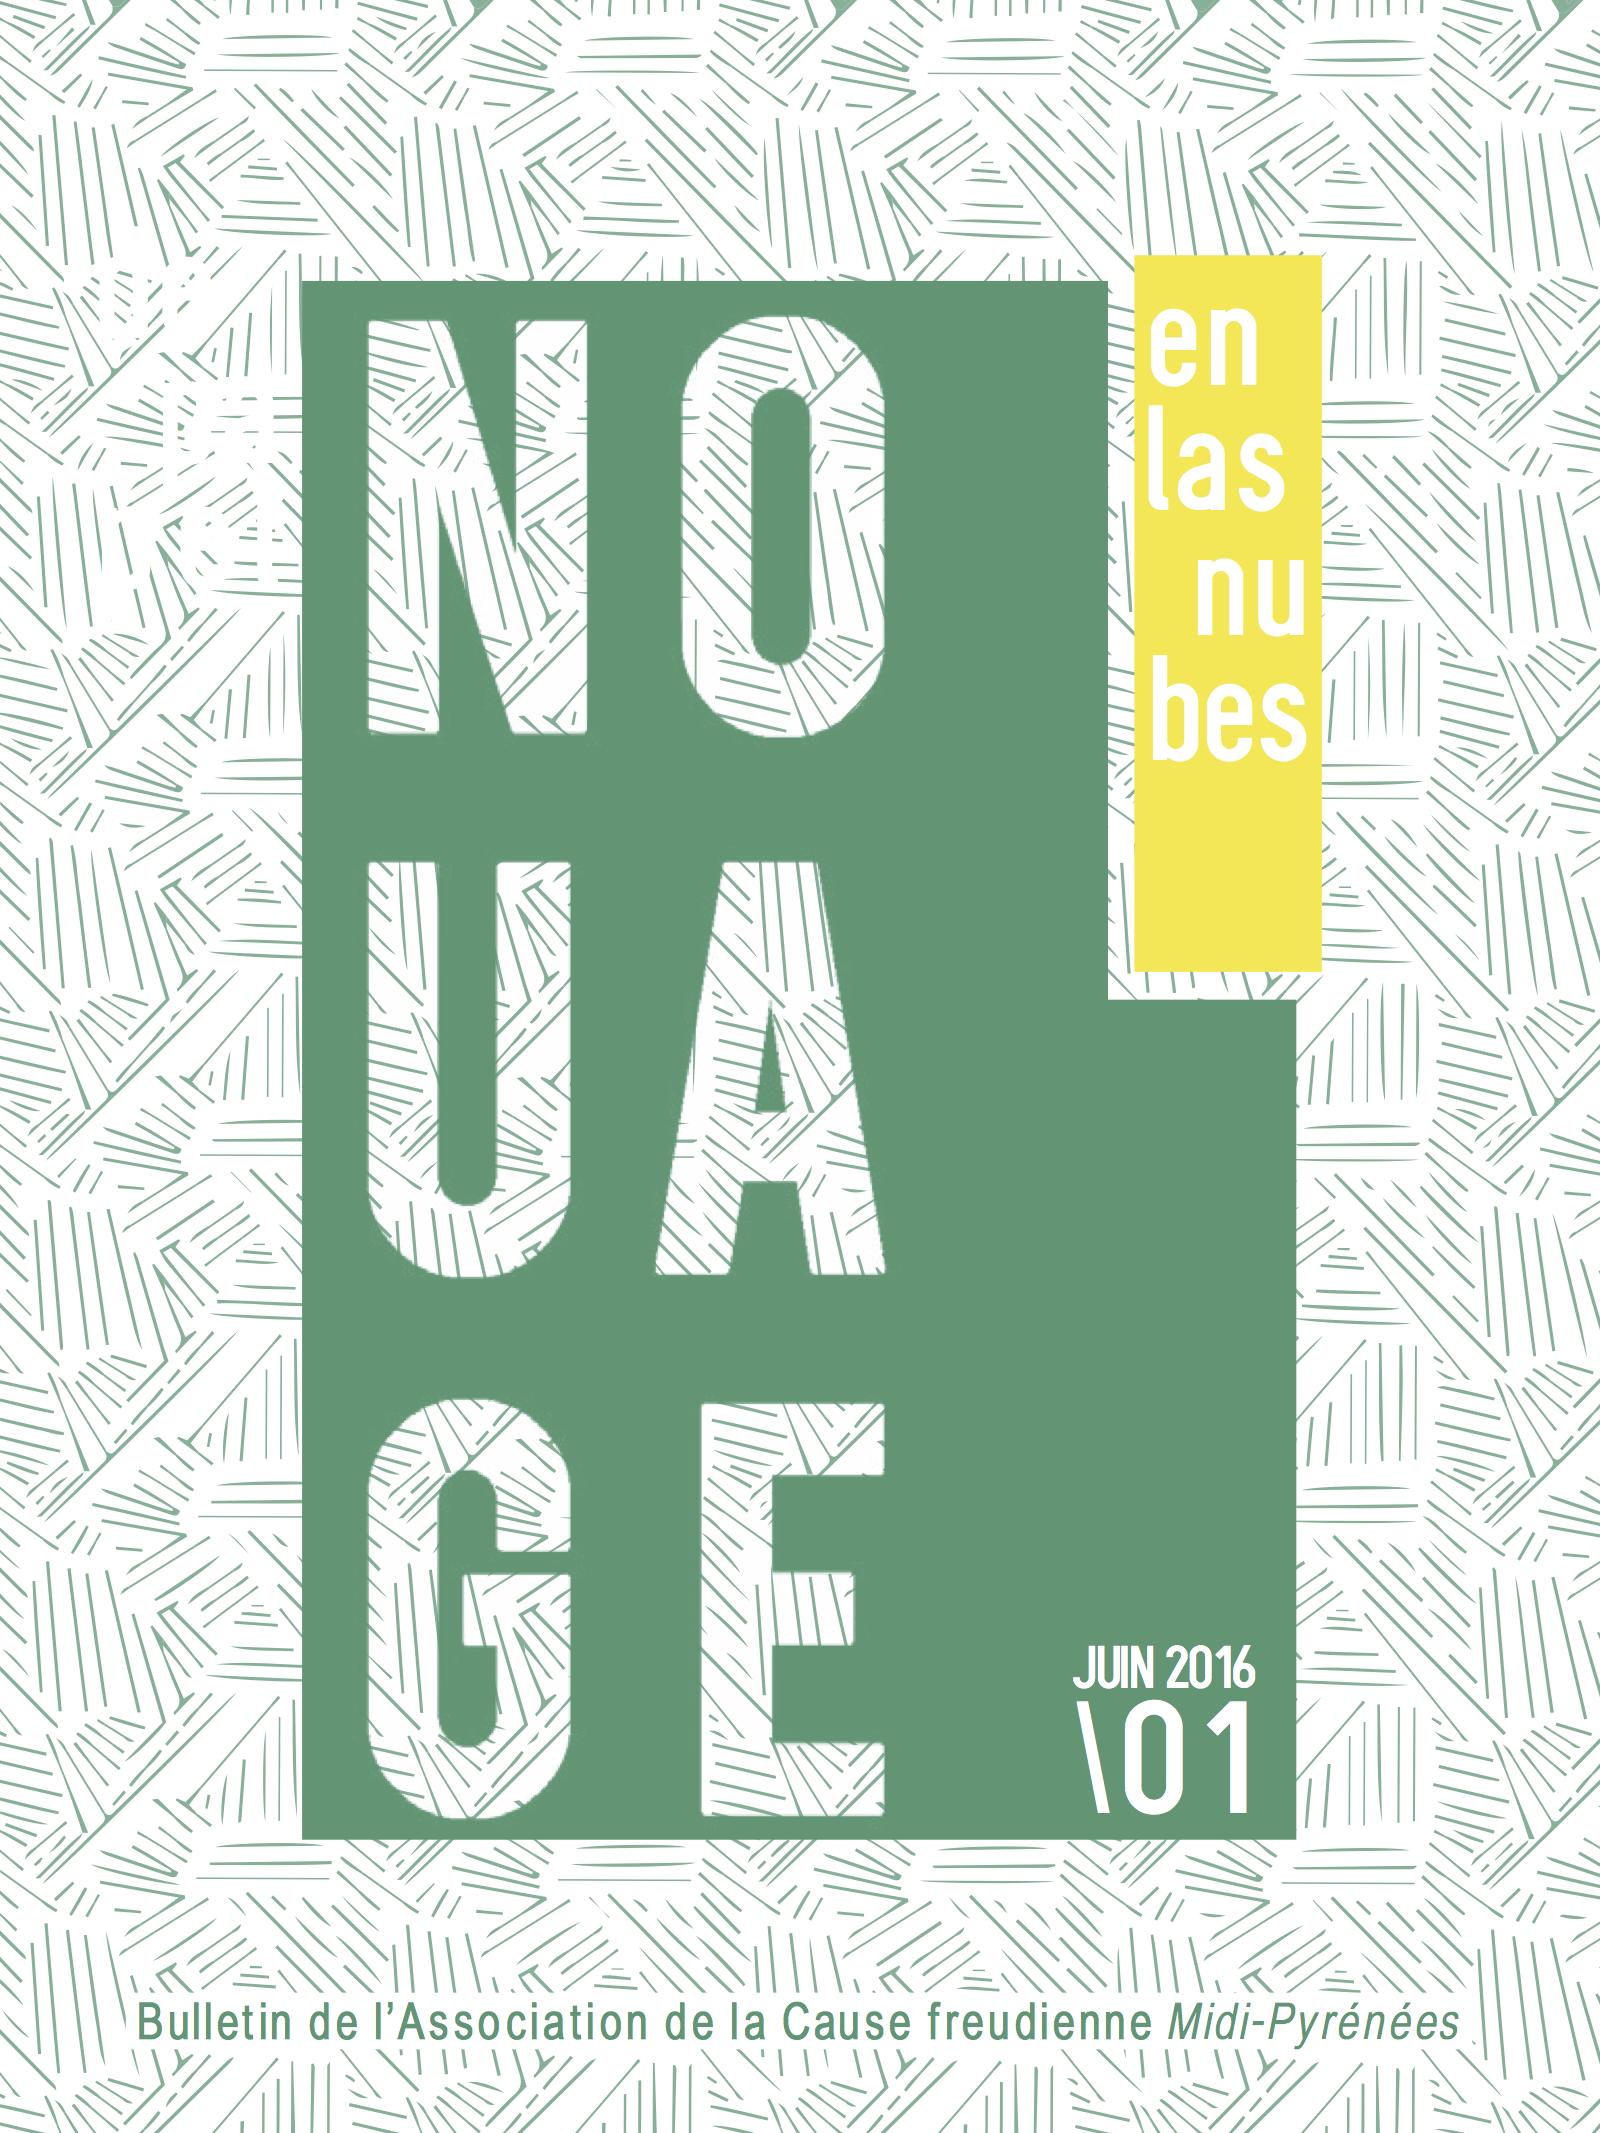 couv-nouage01-16